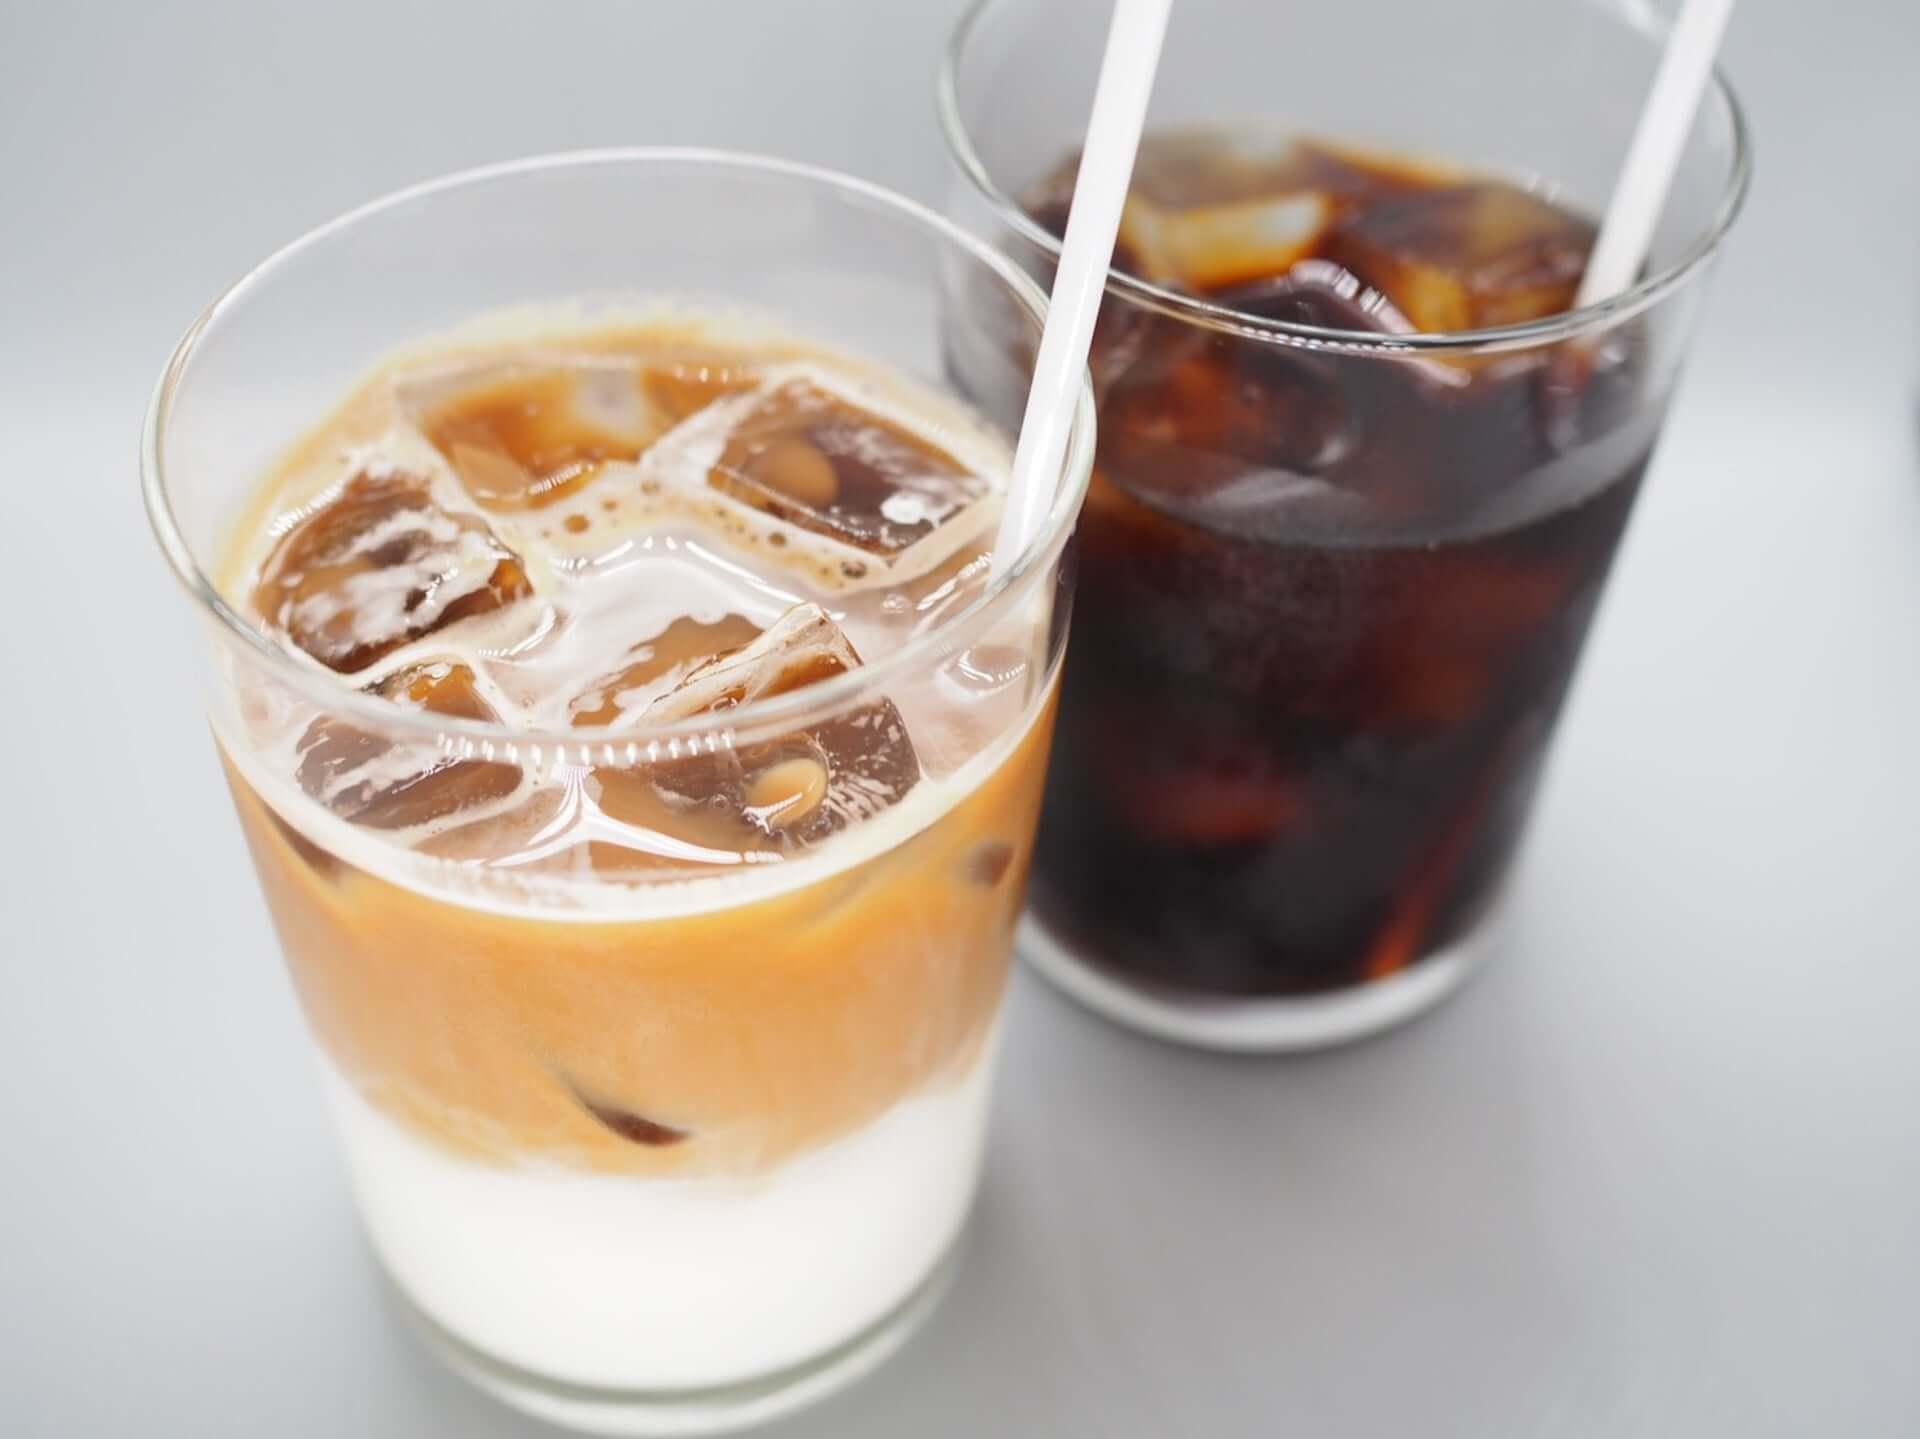 「MIYASHITA CAFE」オープン記念第1弾!ダイミョウソフトクリームに夏季限定フレーバー『トロピカルマンゴー』が登場 gourmet2000820_tropicalmango-miyashitacafe_5-1920x1439